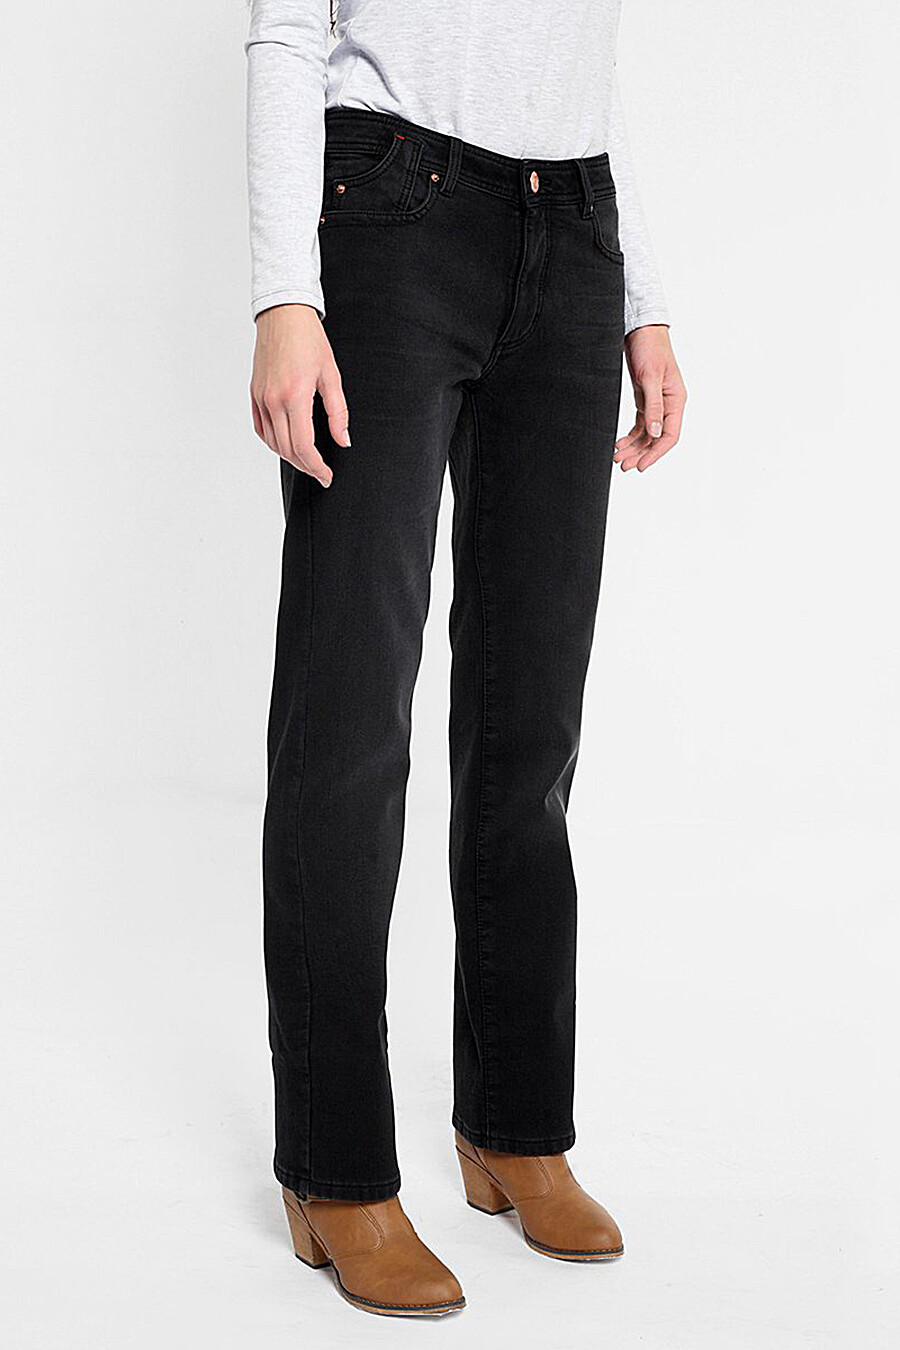 Джинсы утепленные для женщин F5 158855 купить оптом от производителя. Совместная покупка женской одежды в OptMoyo